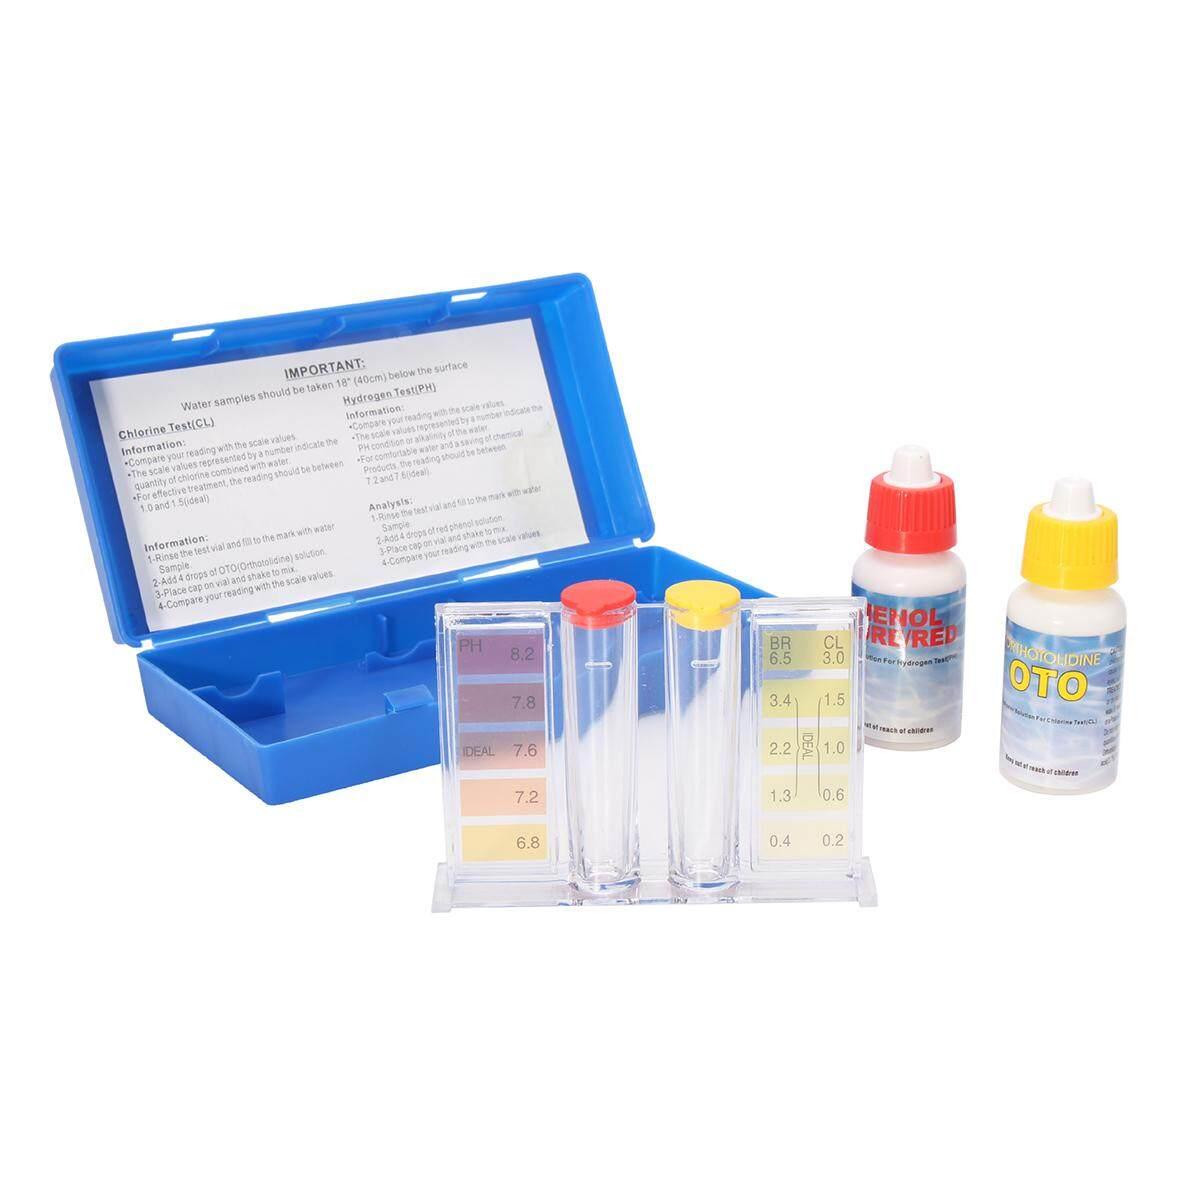 Di động độ pH, Clo Bể Bơi Máy Kiểm Tra Chất Lượng Nước Hydrotool Thử Nghiệm Bộ